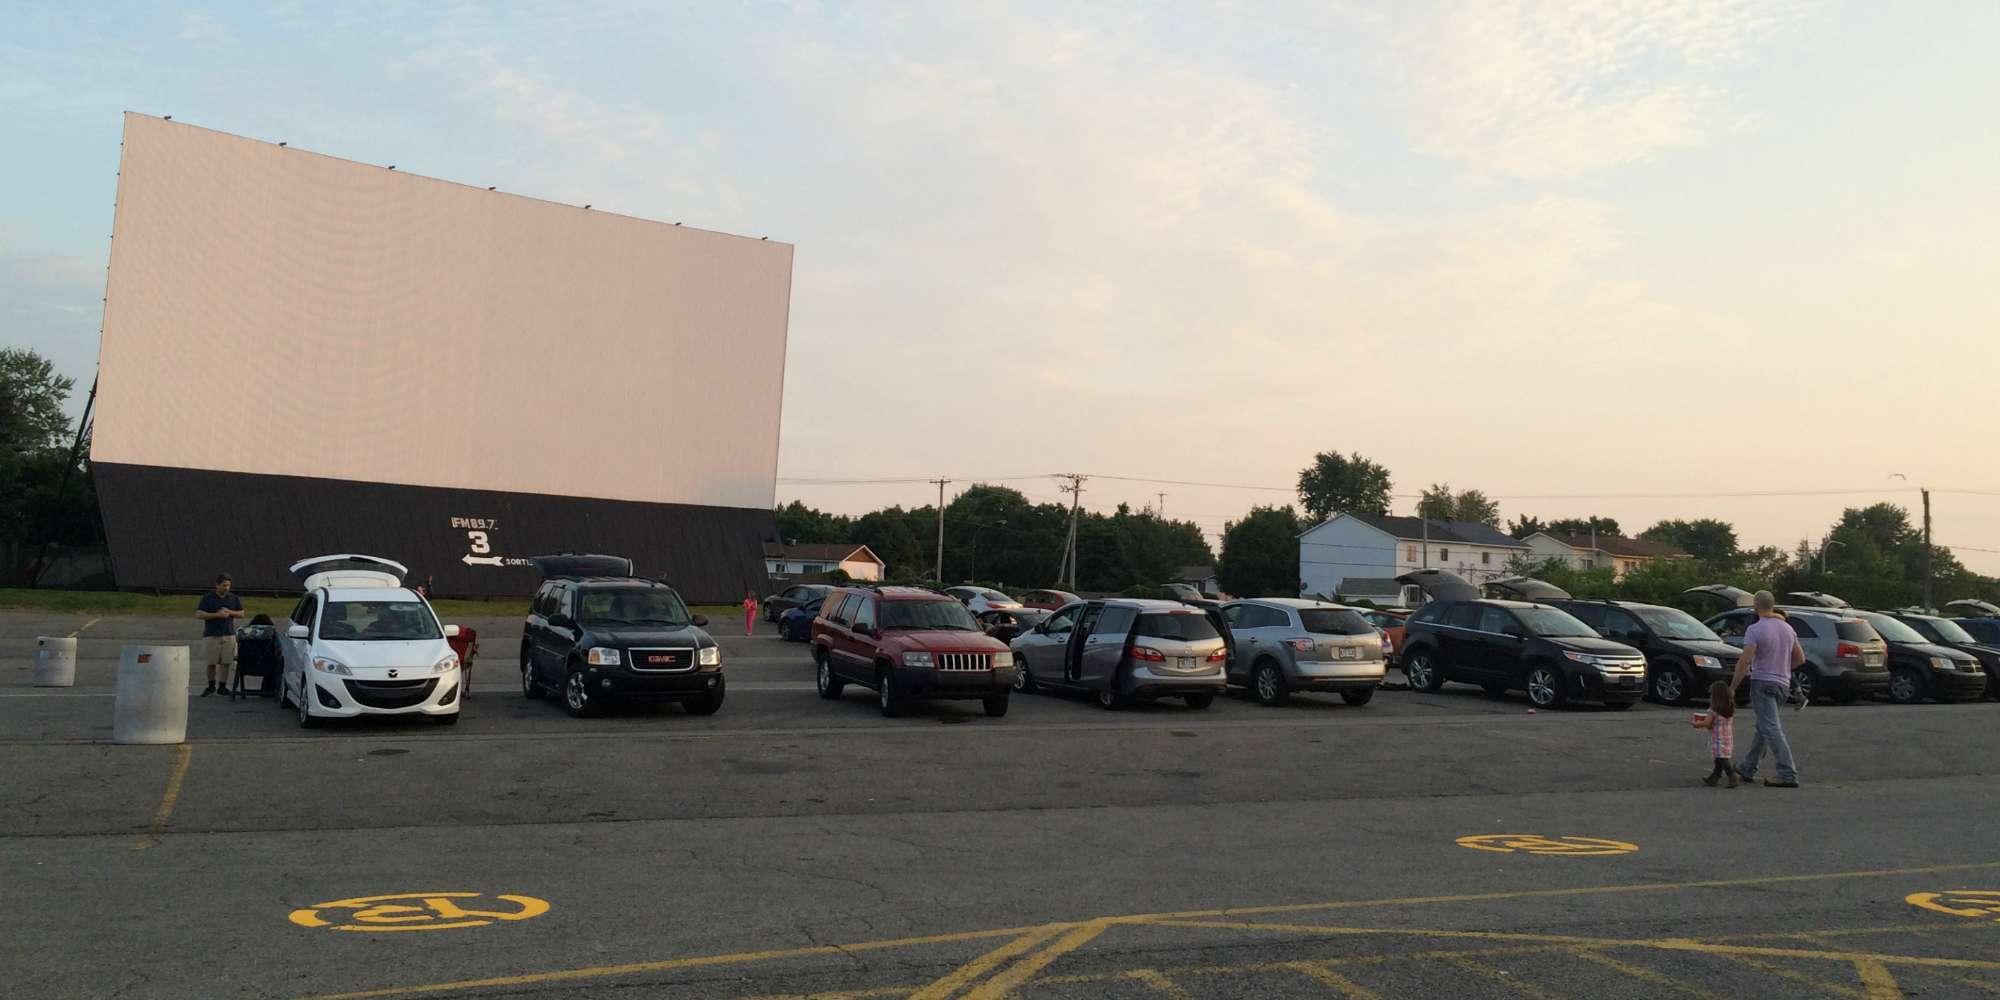 Le ciné-parc, peut-être un loisir qu'on ne pratiquera plus, à mesure que les écrans s'approchent de nos yeux.